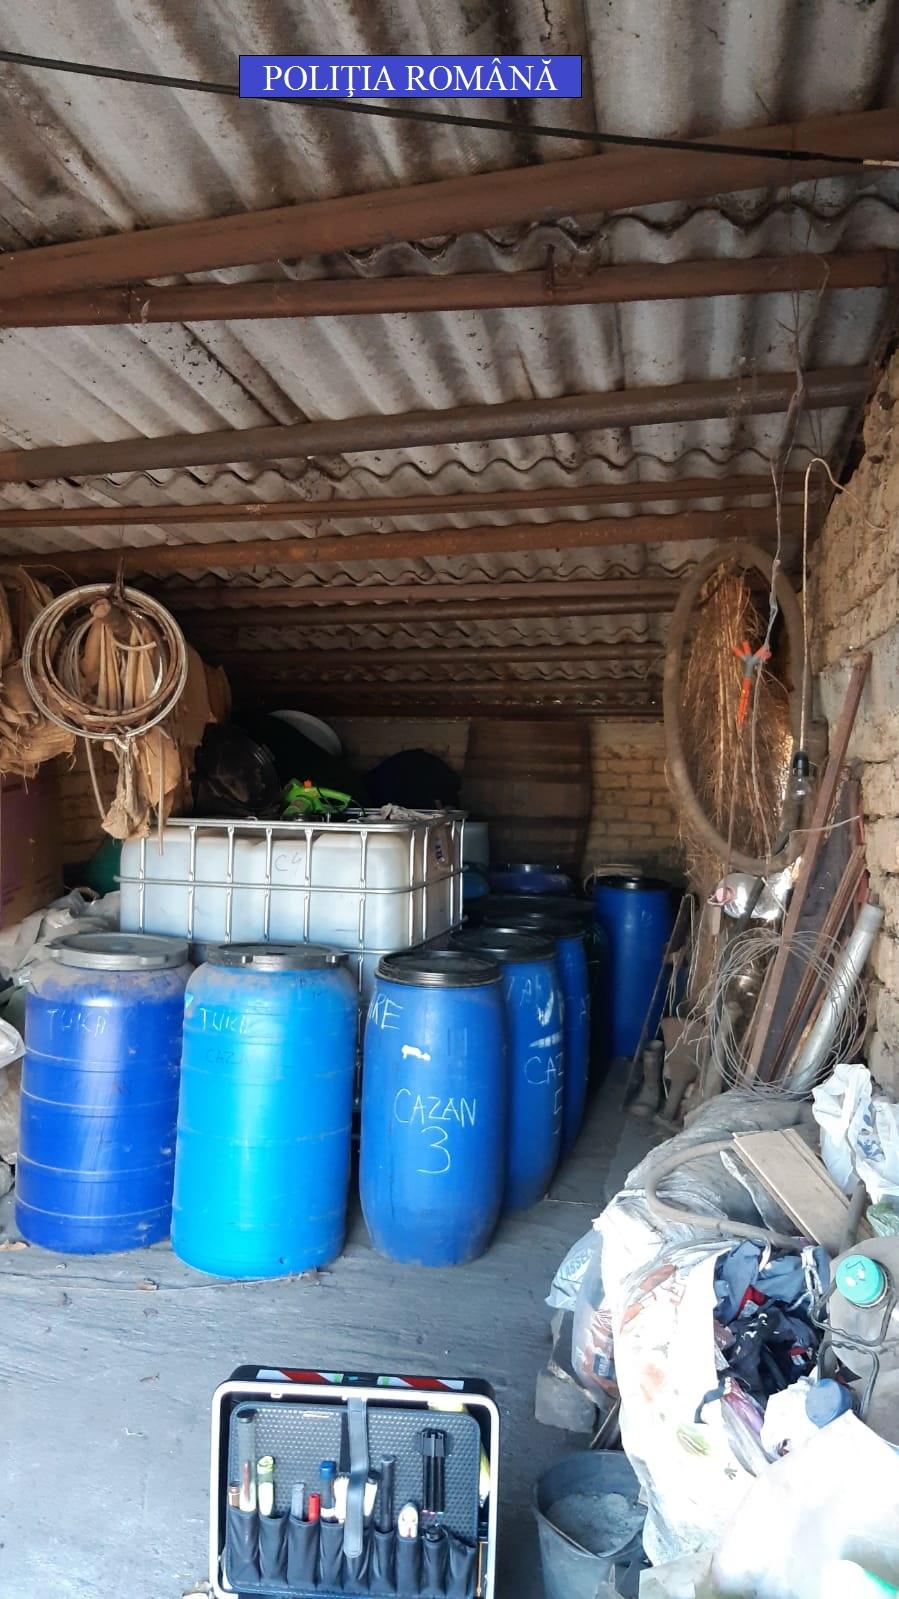 Au fost găsite cazane artizanale de distilat alcool, precum şi cantitatea de 7556 litri alcool (țuică)